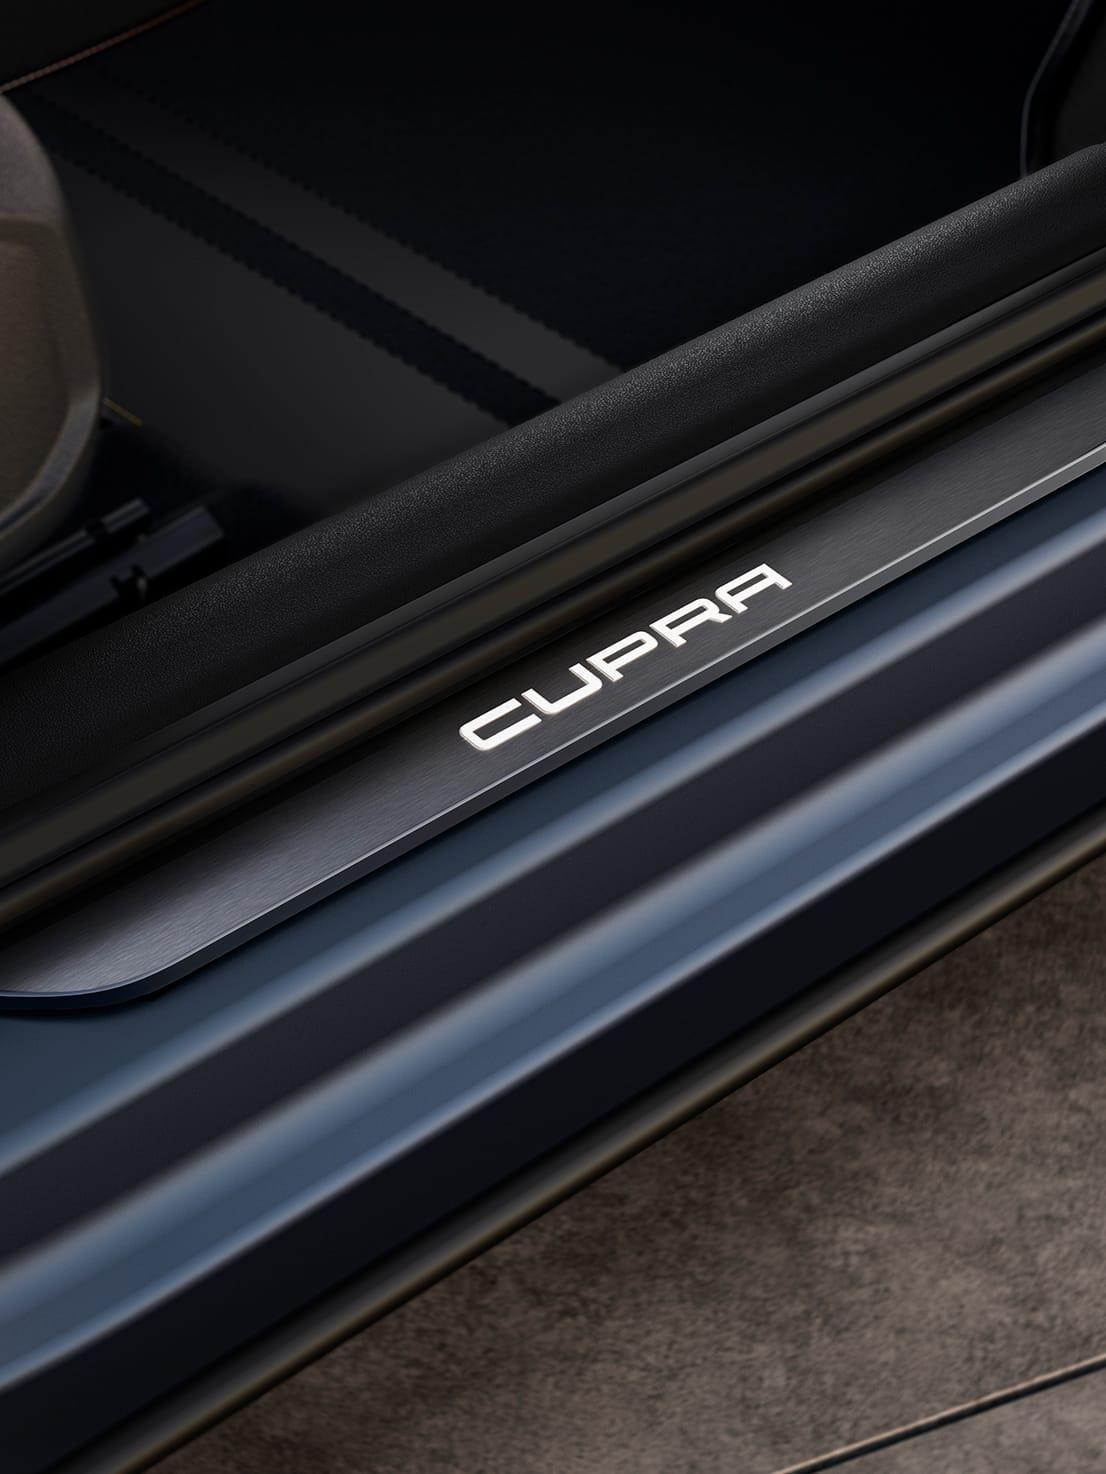 nouvelle cupra formentor, suv compact avec détails cupra éclairés sur les seuils de porte